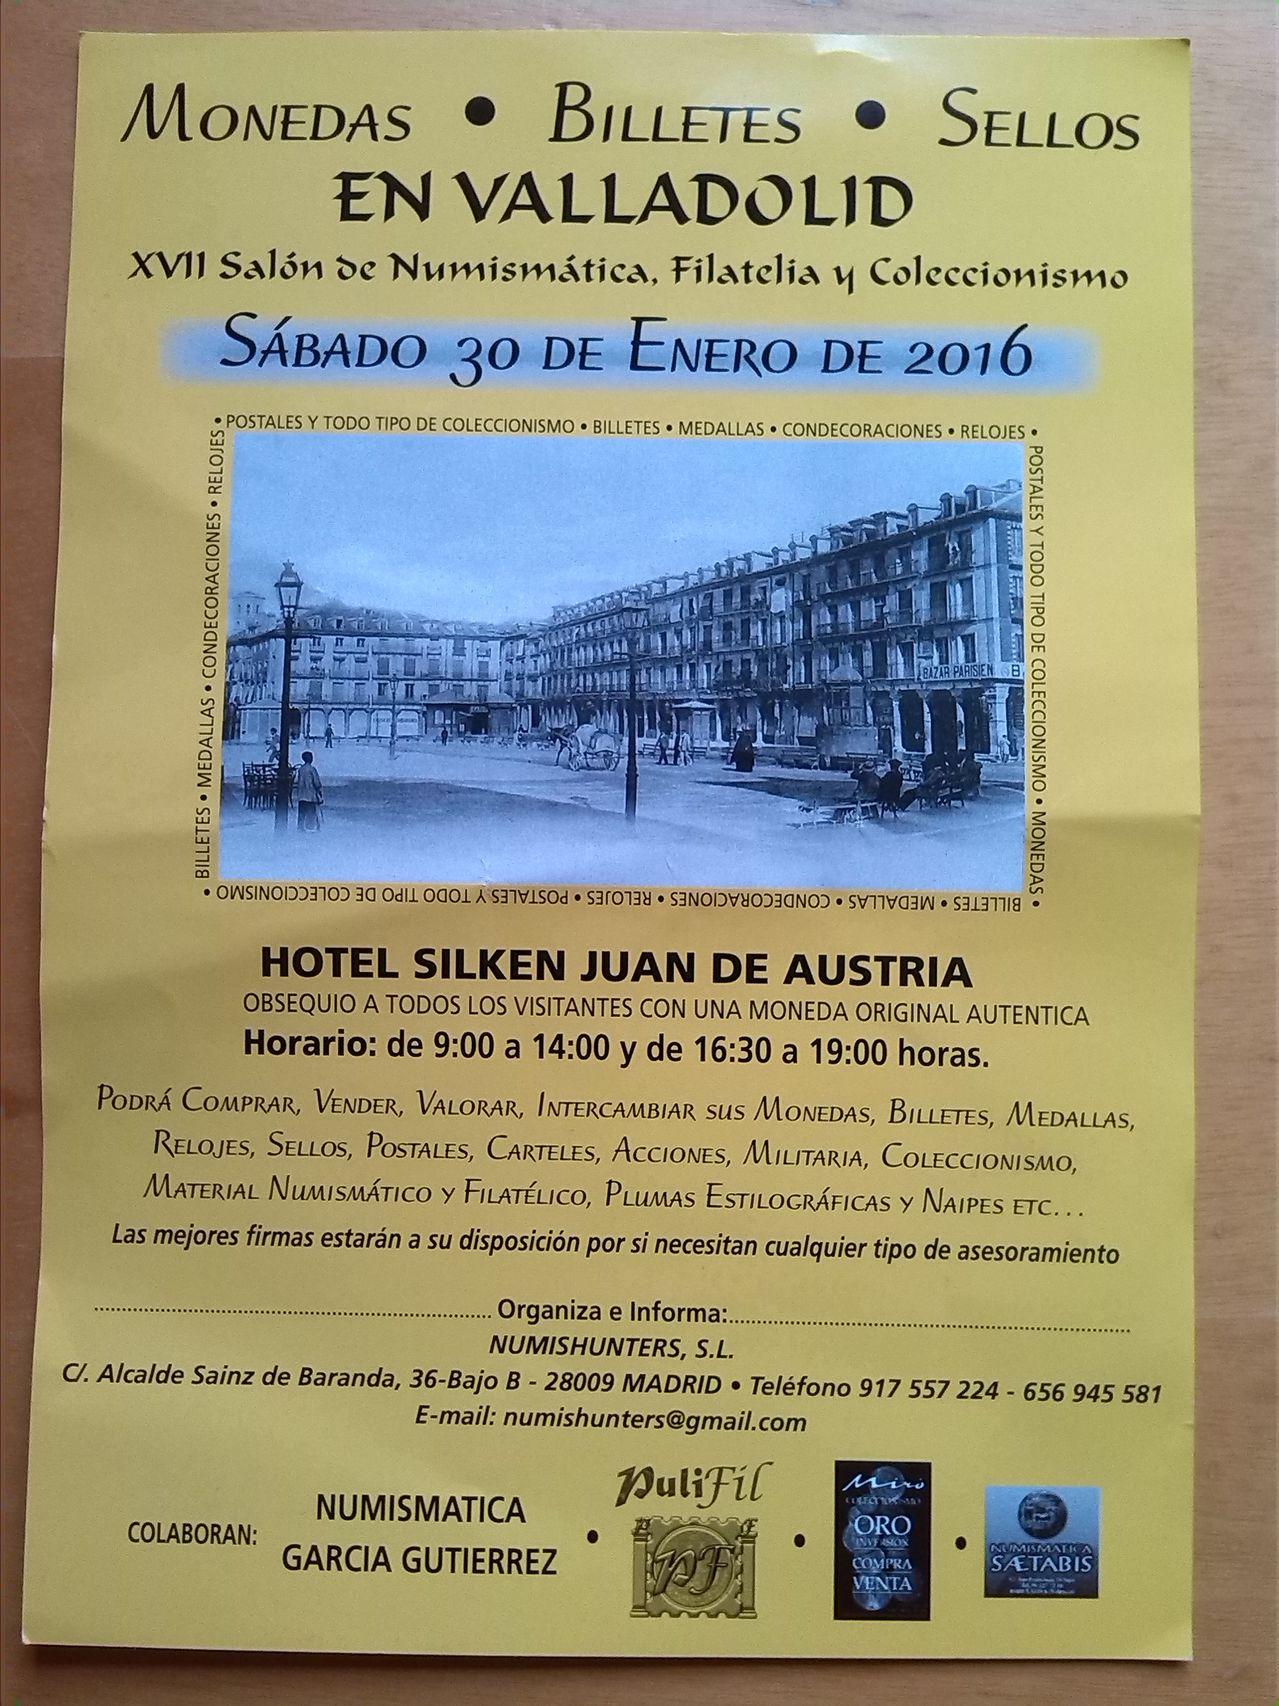 Convención en Valladolid Sabado 30 de Enero 2016 Convencion_numismatica_valladolid_30_1_2016